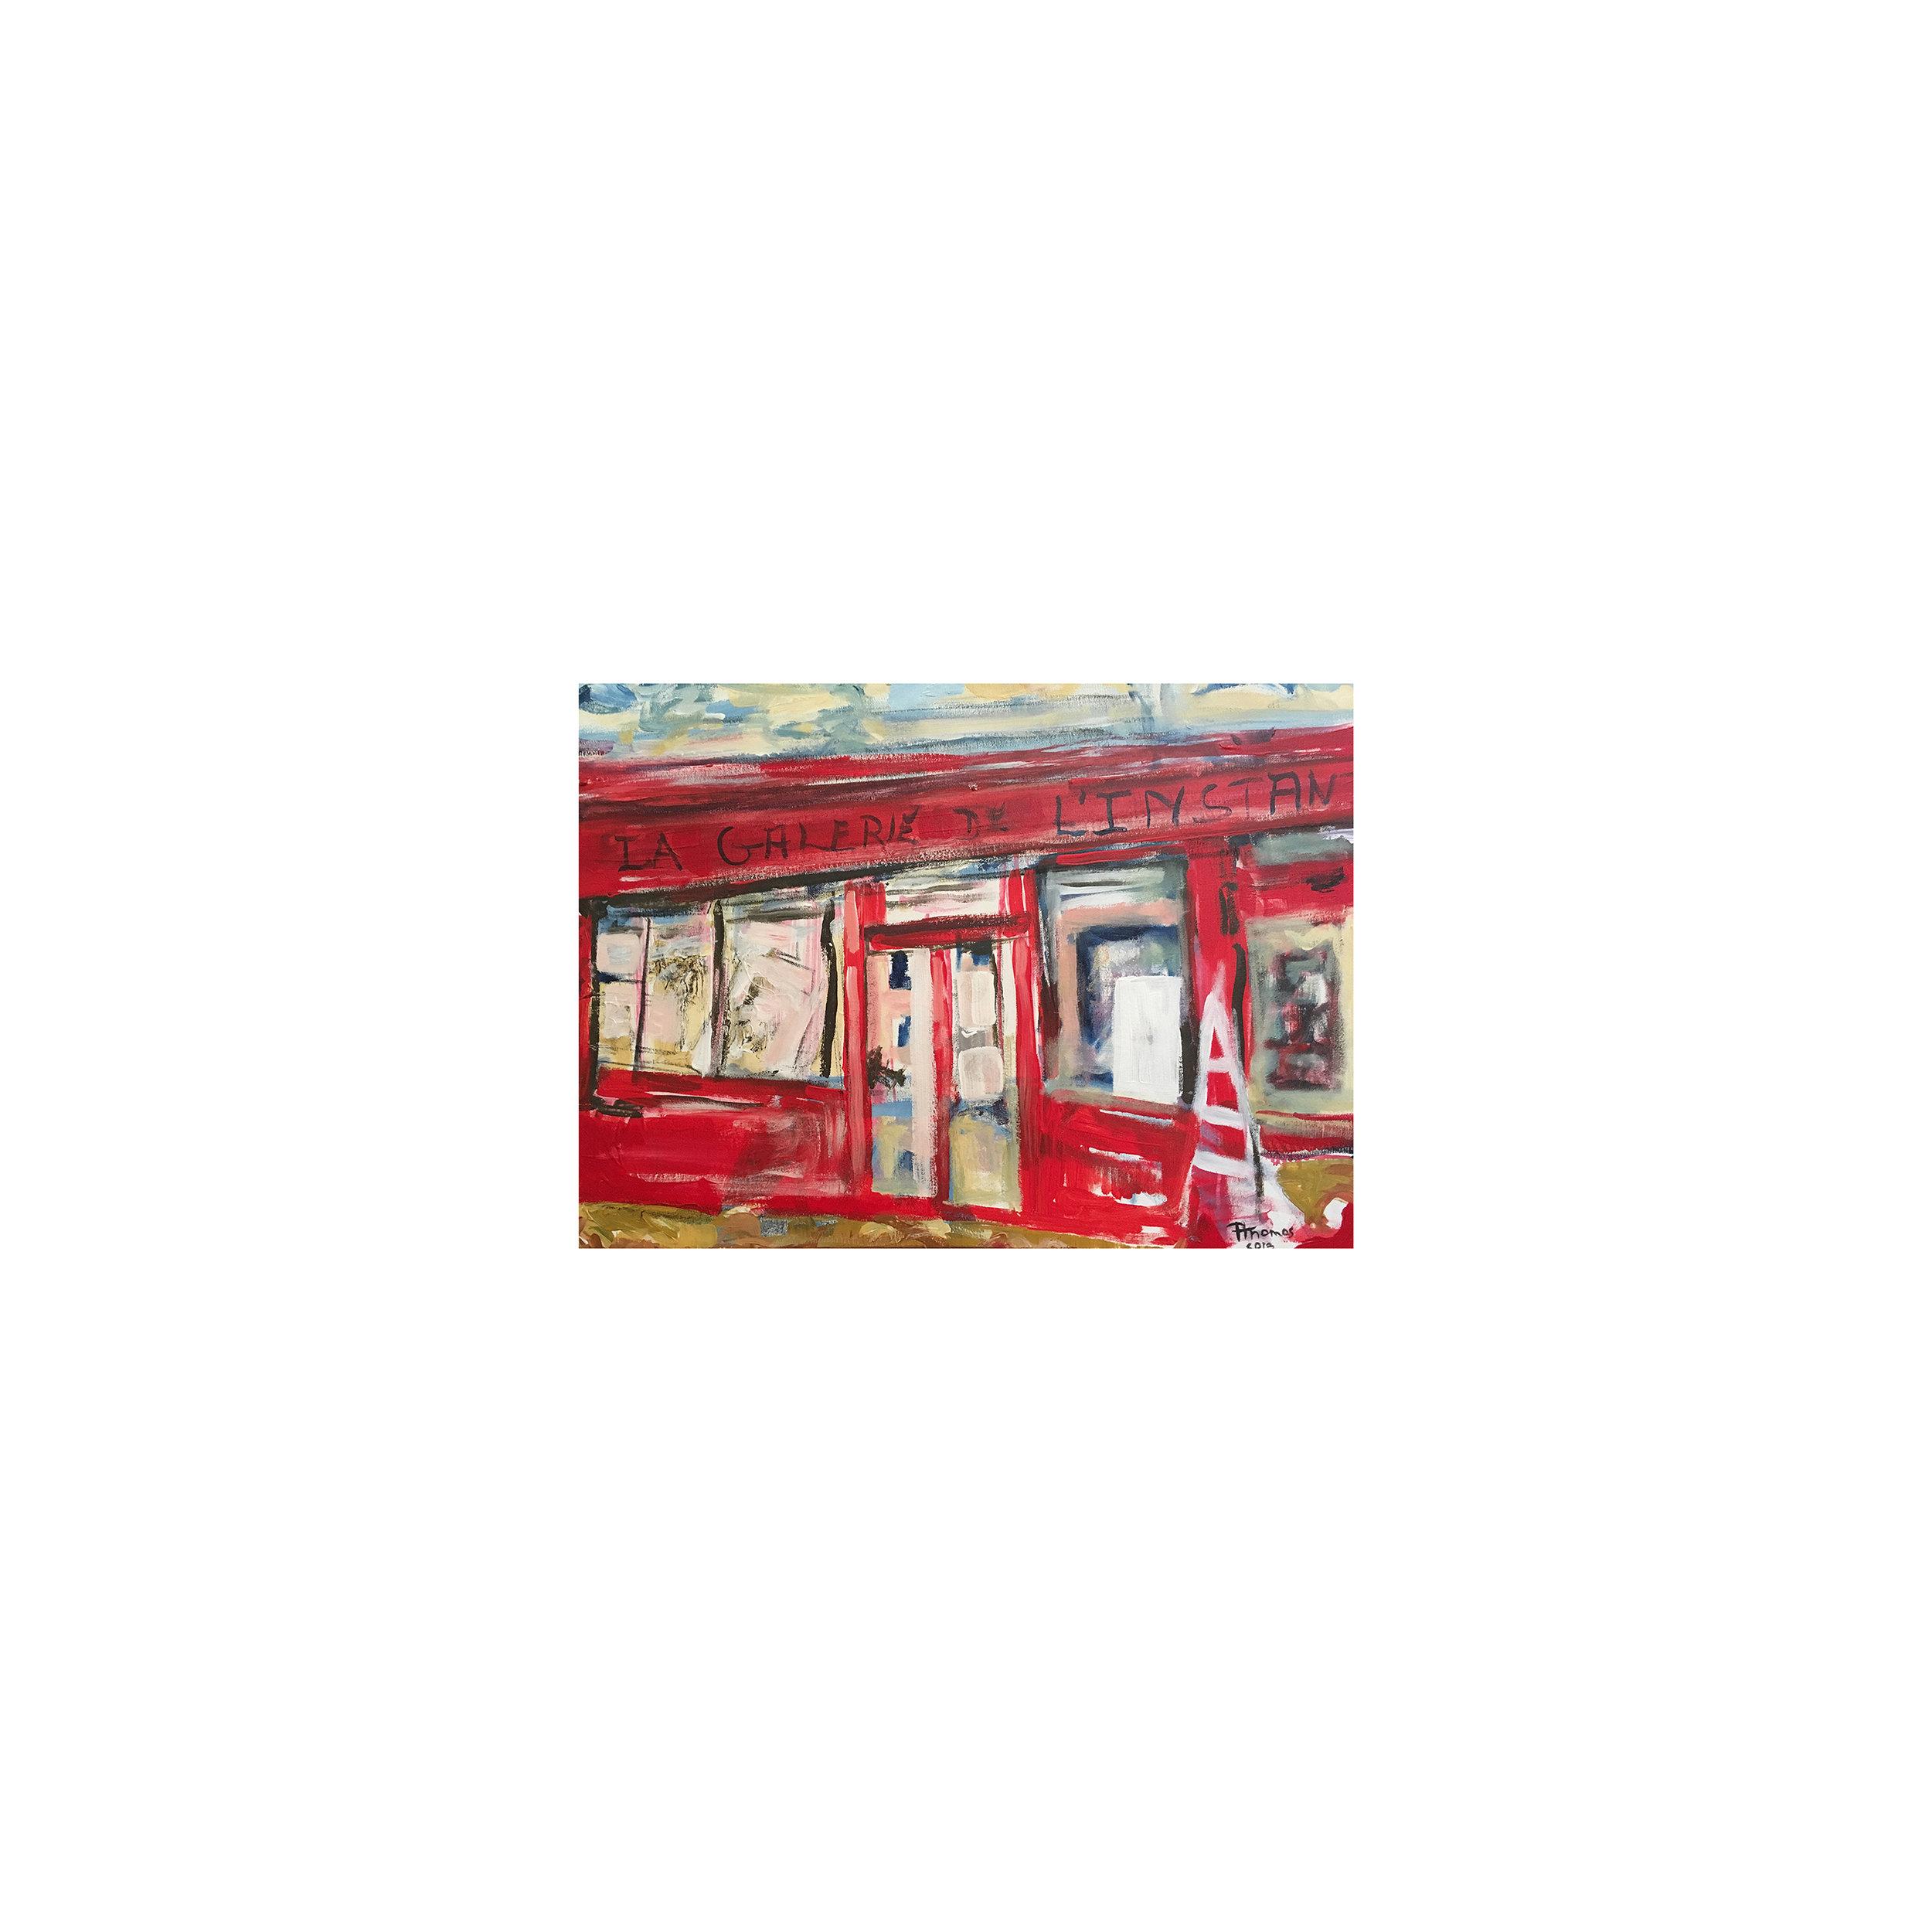 La Galerie de l'Instant2.jpg